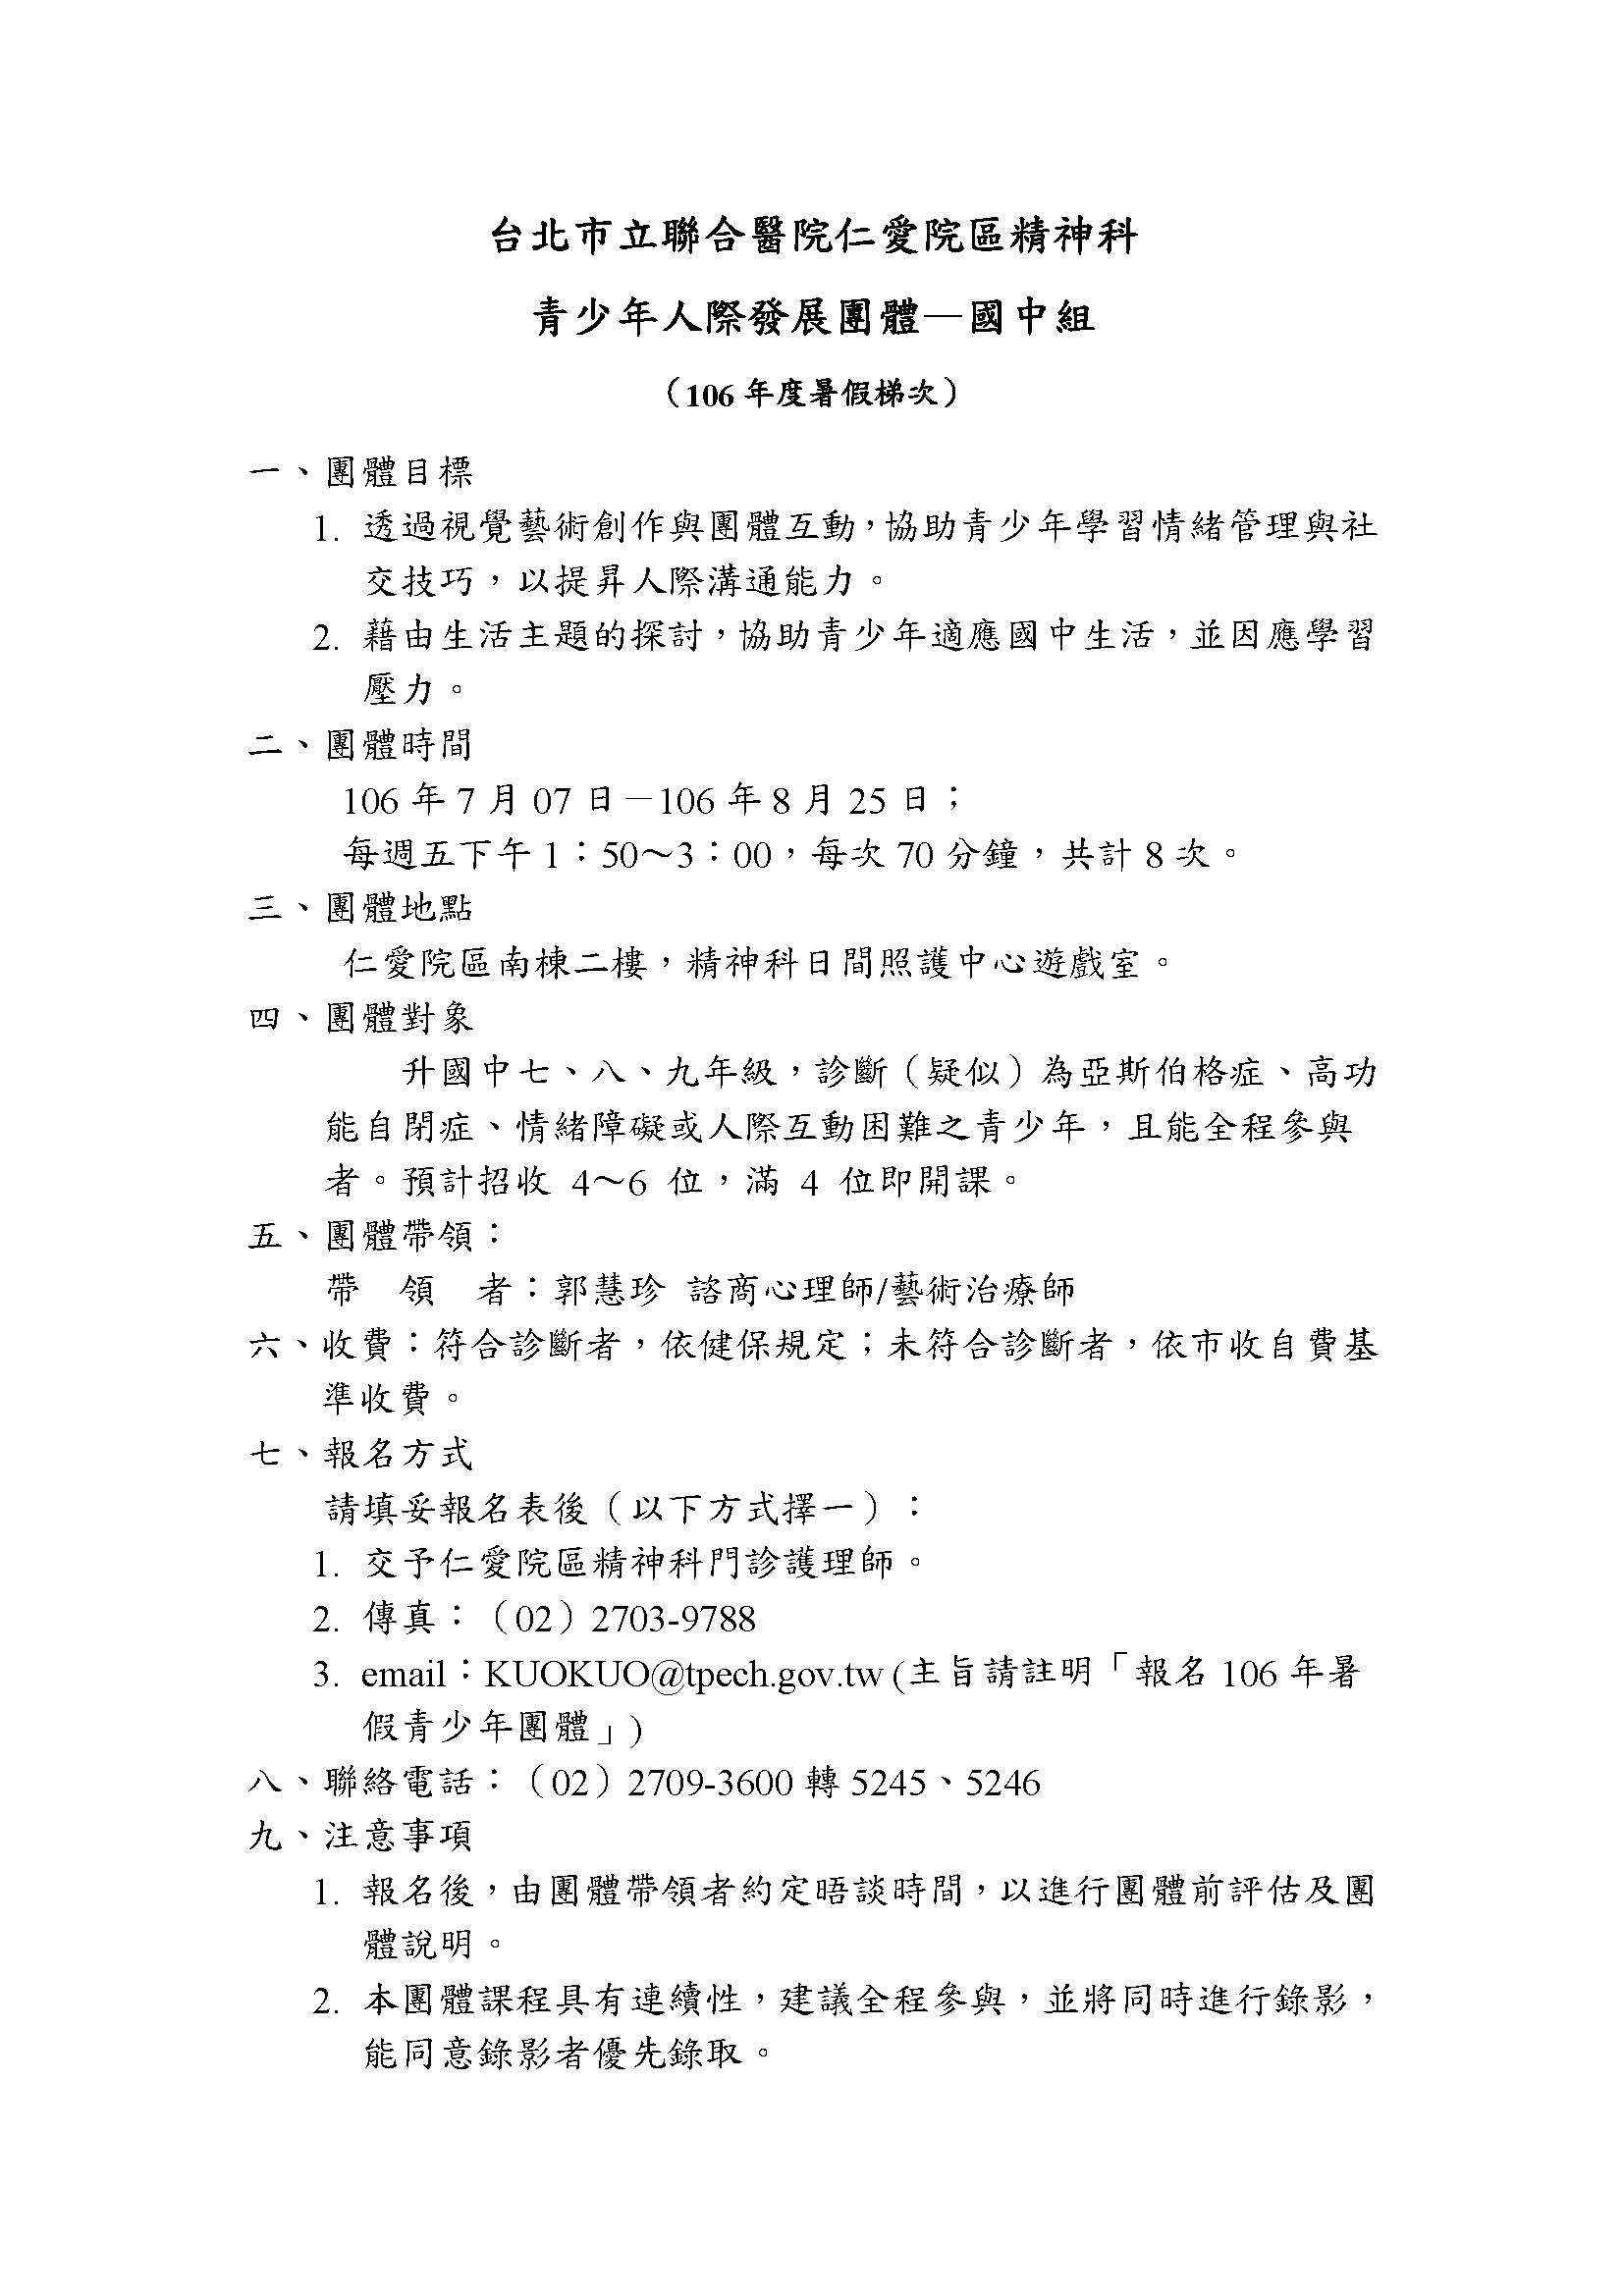 106青少年人際發展團體_國中(暑期)報名簡章